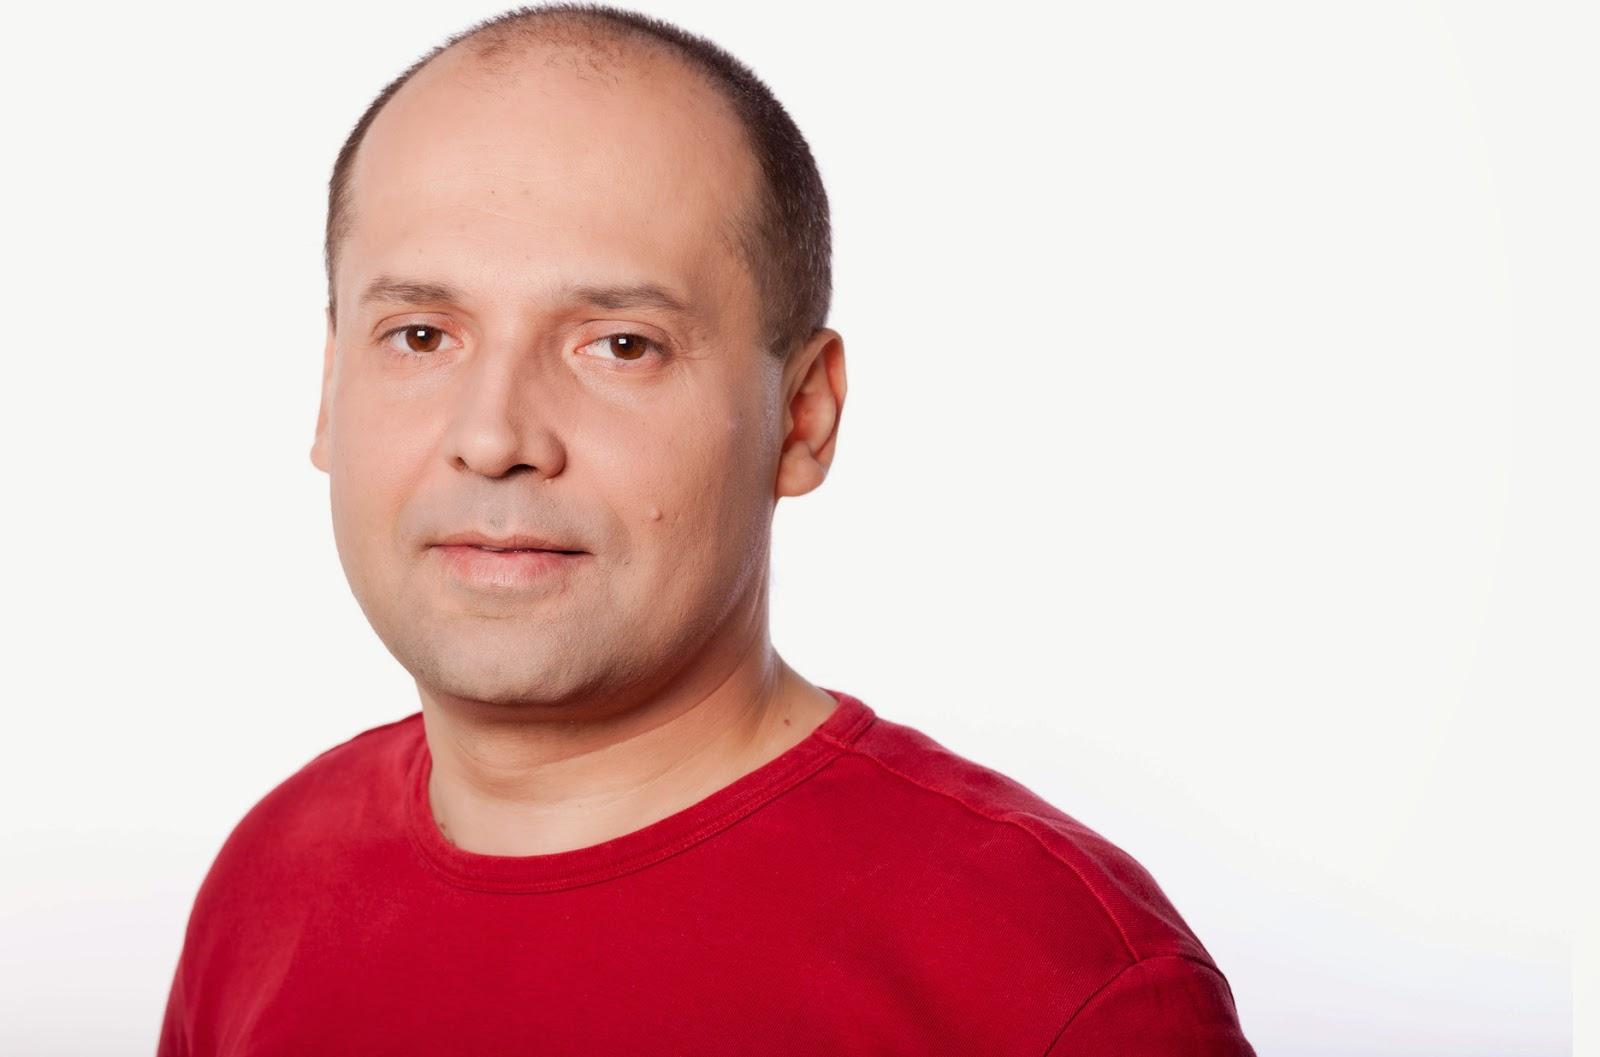 Románia, média, magyarság, magyarellenesség, etnikai gyűlölet, gyűlöletkeltés, ActiveWatch, Radu Banciu, B1,